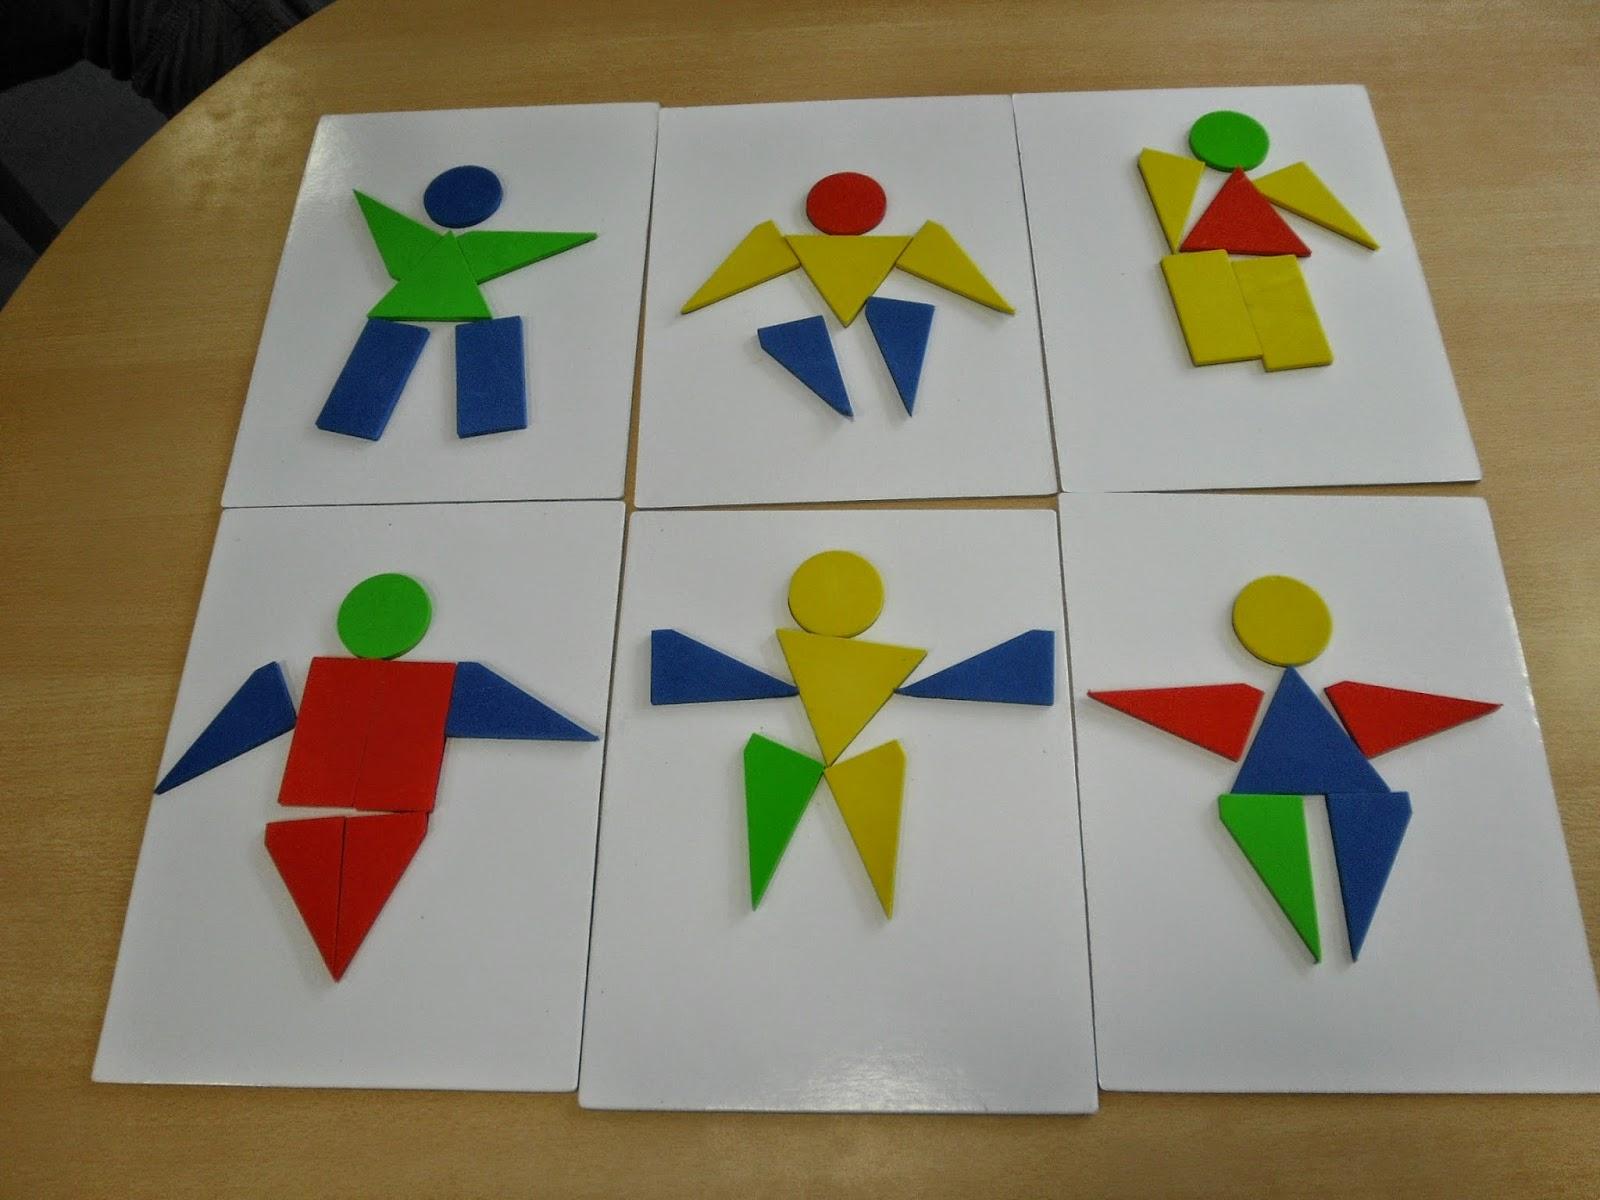 Groupe scolaire Jean Mineur: Construire le bonhomme chez les TPS/PS de Mme Harlaux